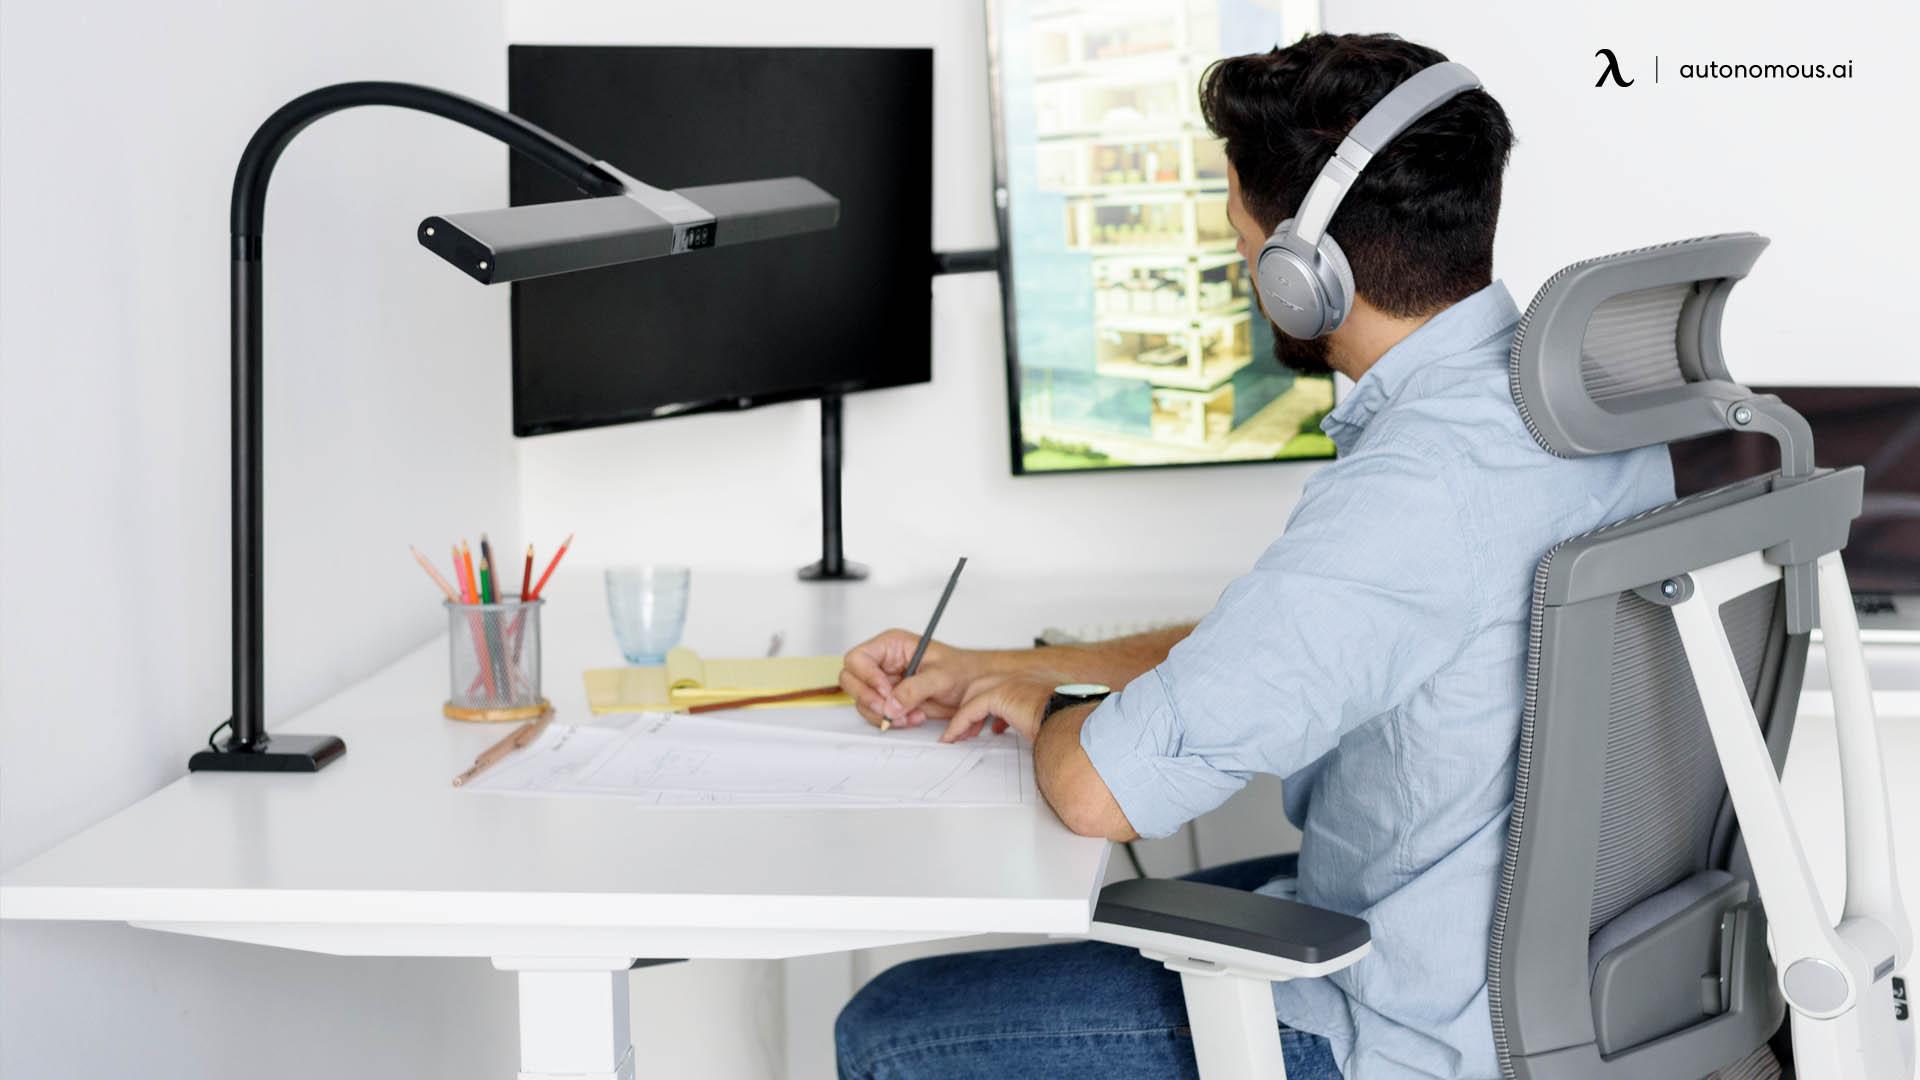 Get an ergonomic chair